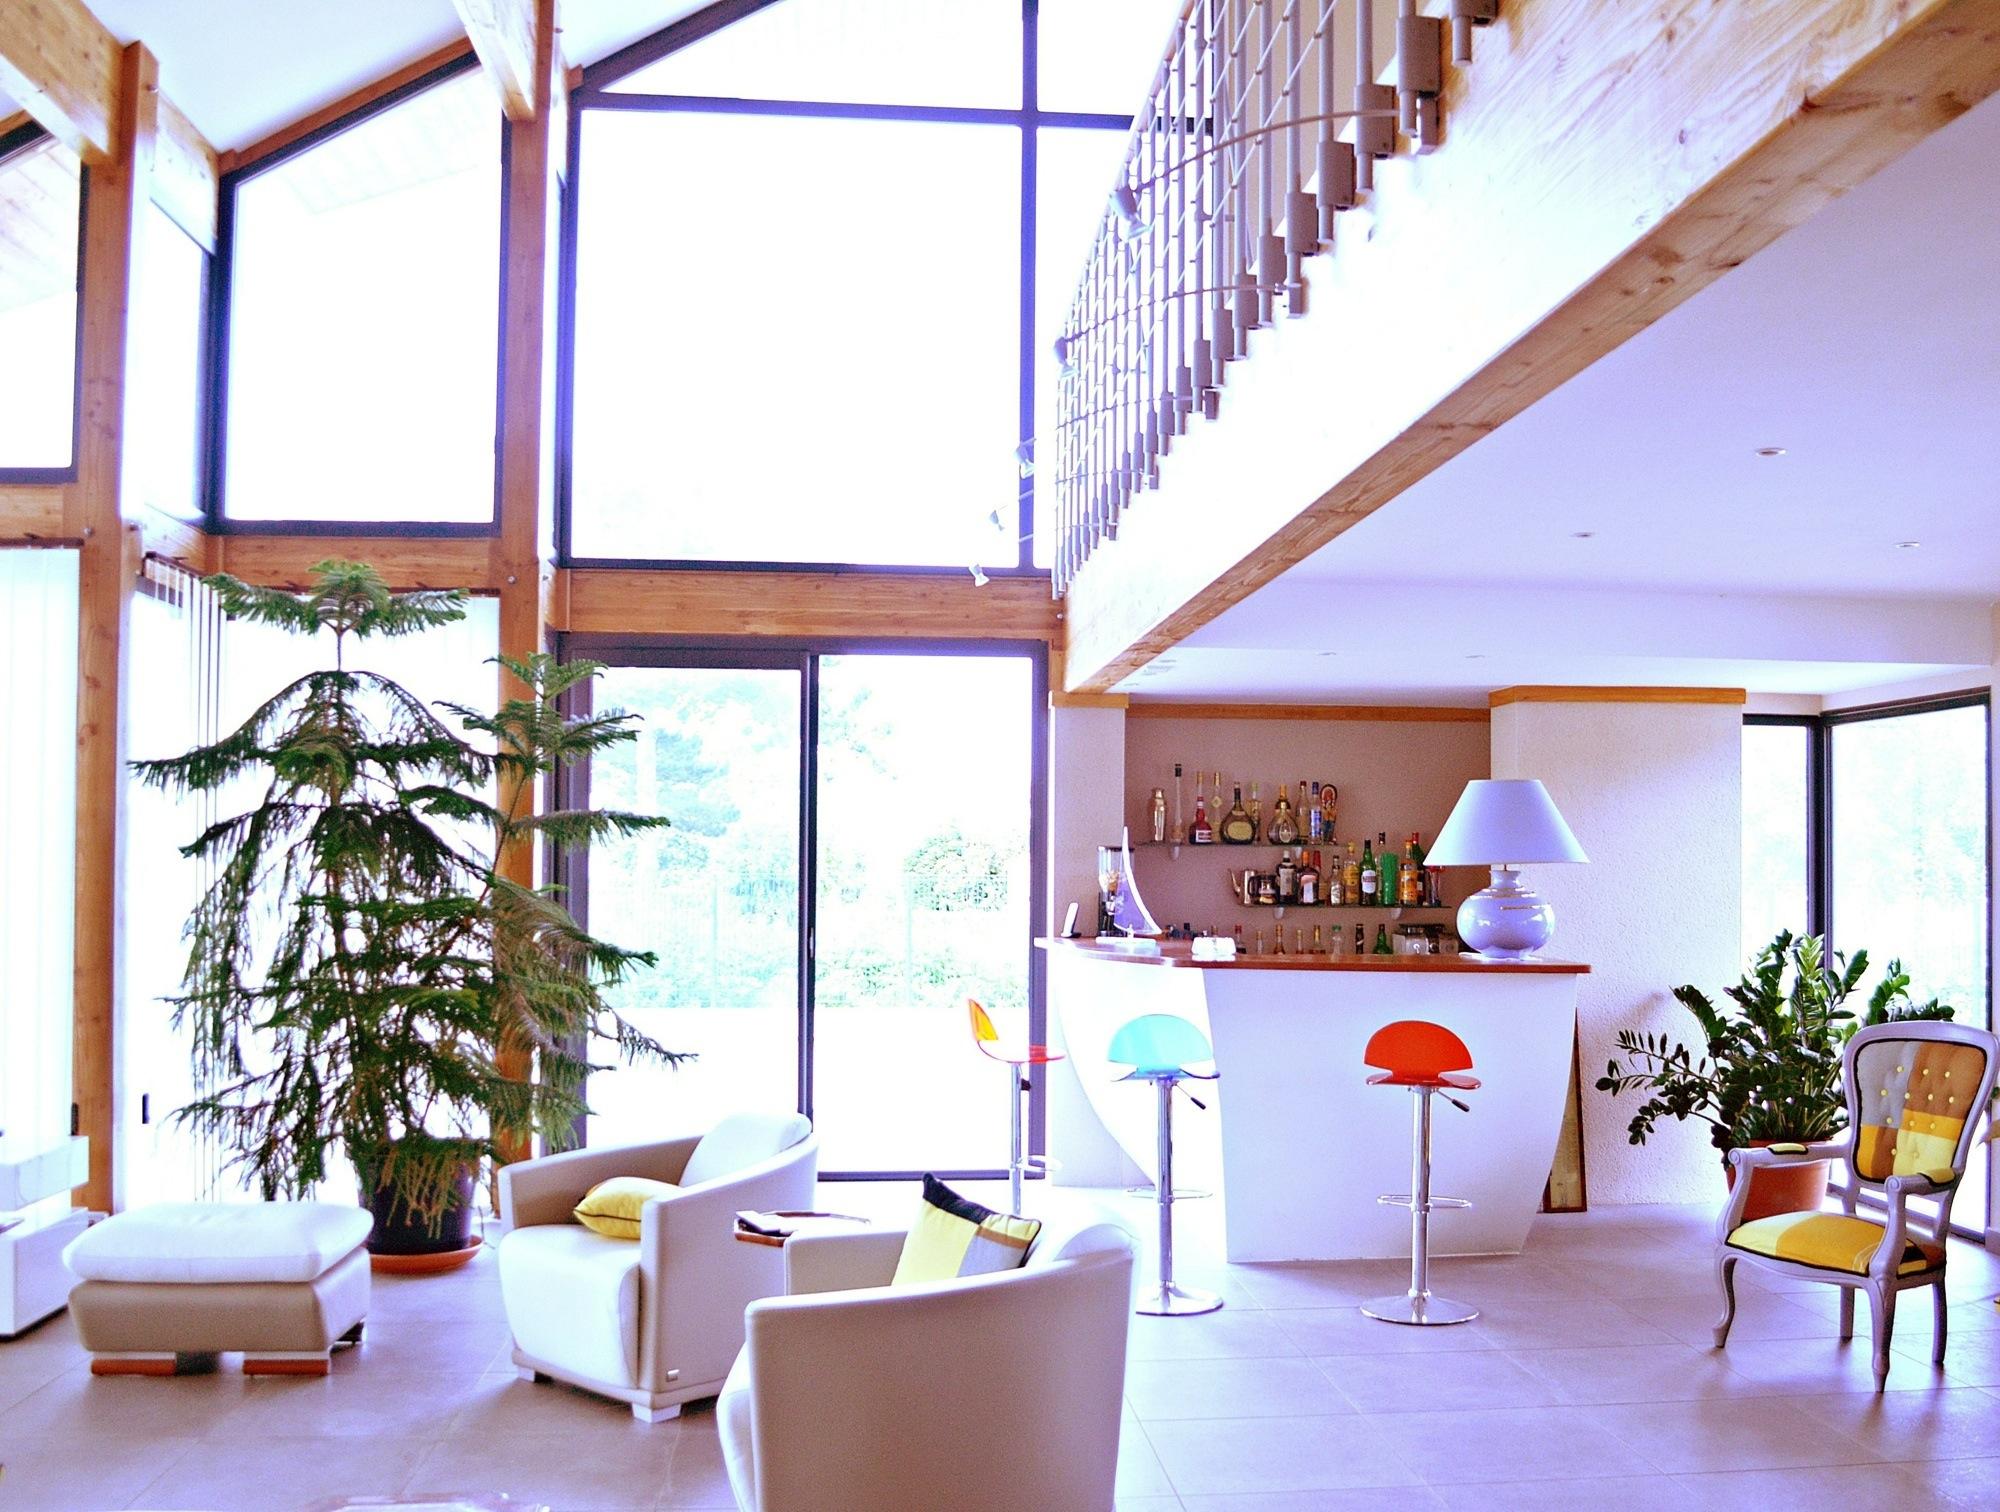 Maison bois charente perfect maison bois charente with for Architecte bressuire